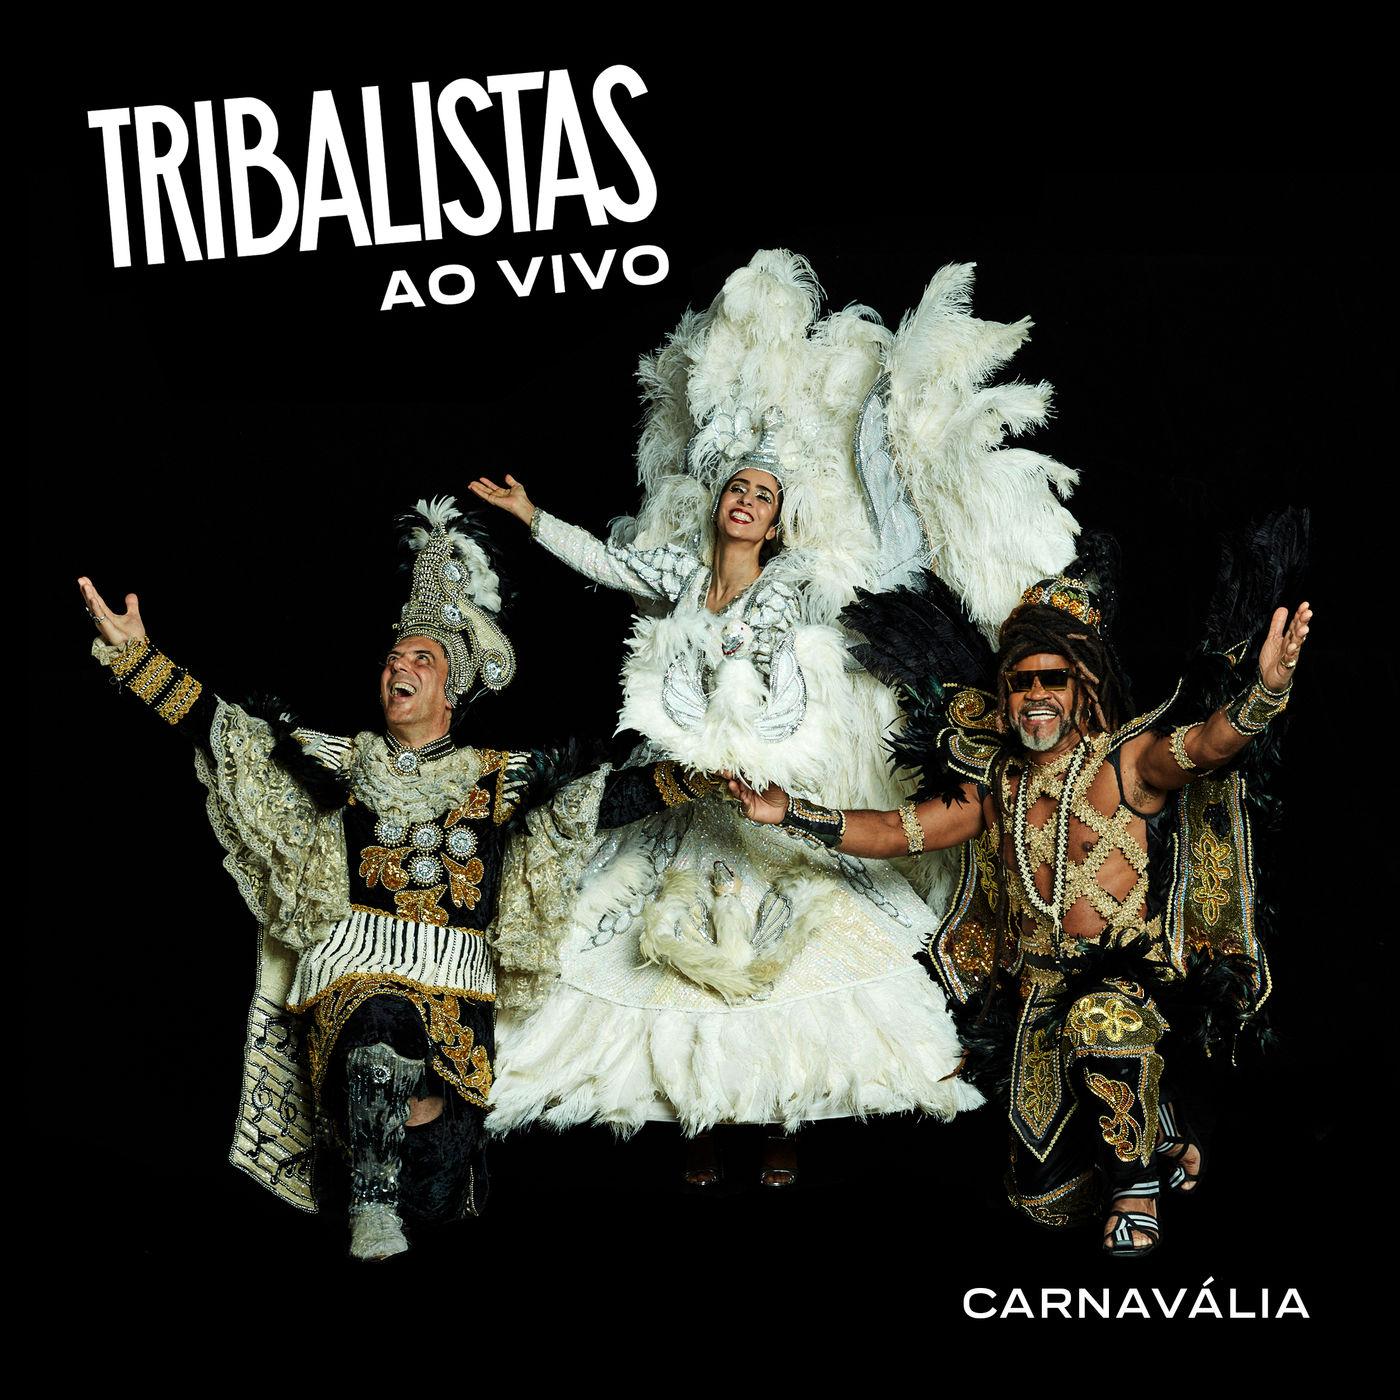 Tribalistas - Carnavália (Ao Vivo)